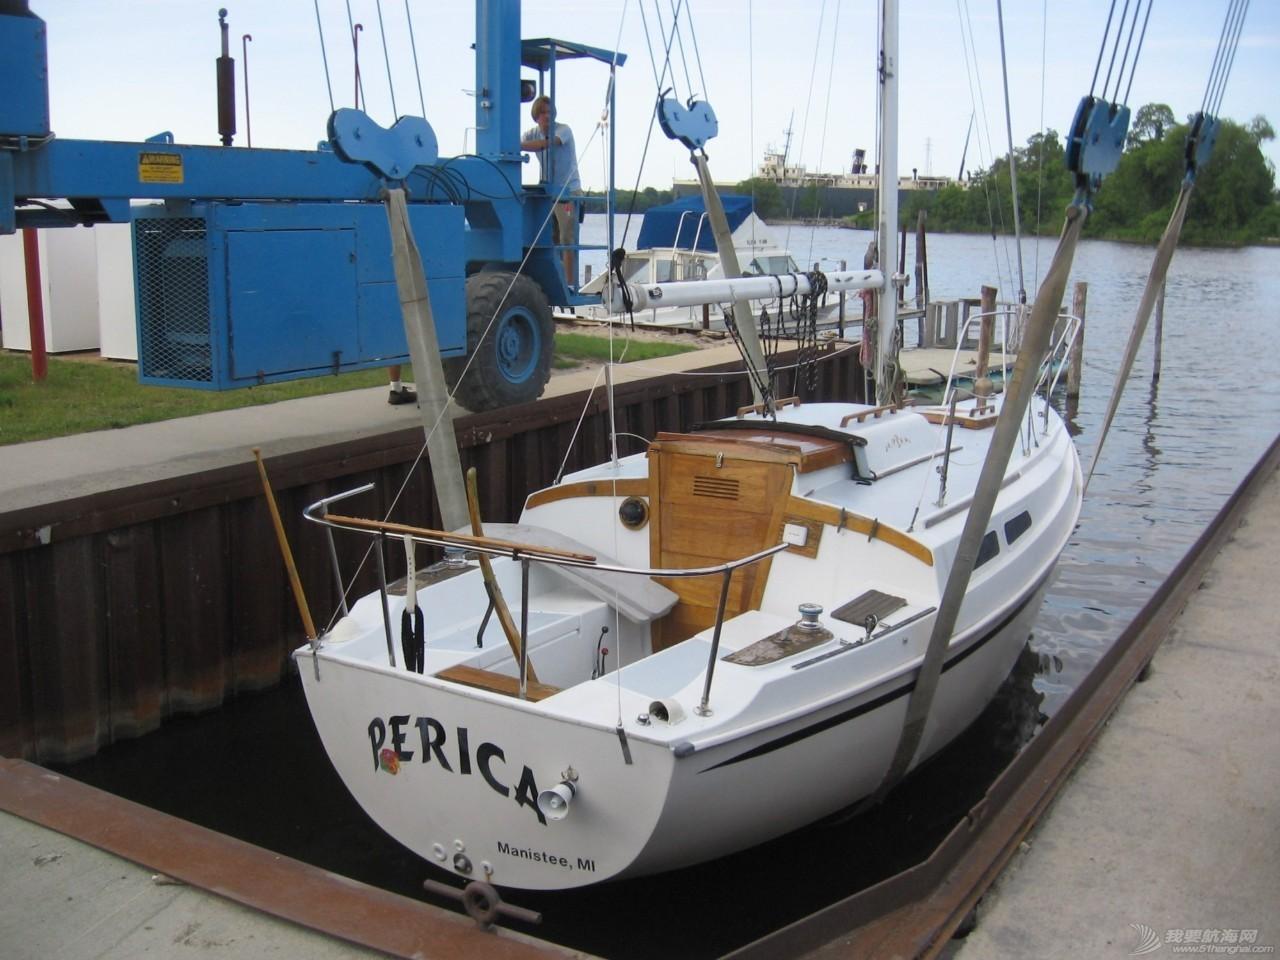 文章,帆船,大件,帆布,竞技 看外表,品细节| 直观感受好帆船 2b29b89e9e18221efc00e4f9e878b203.jpg